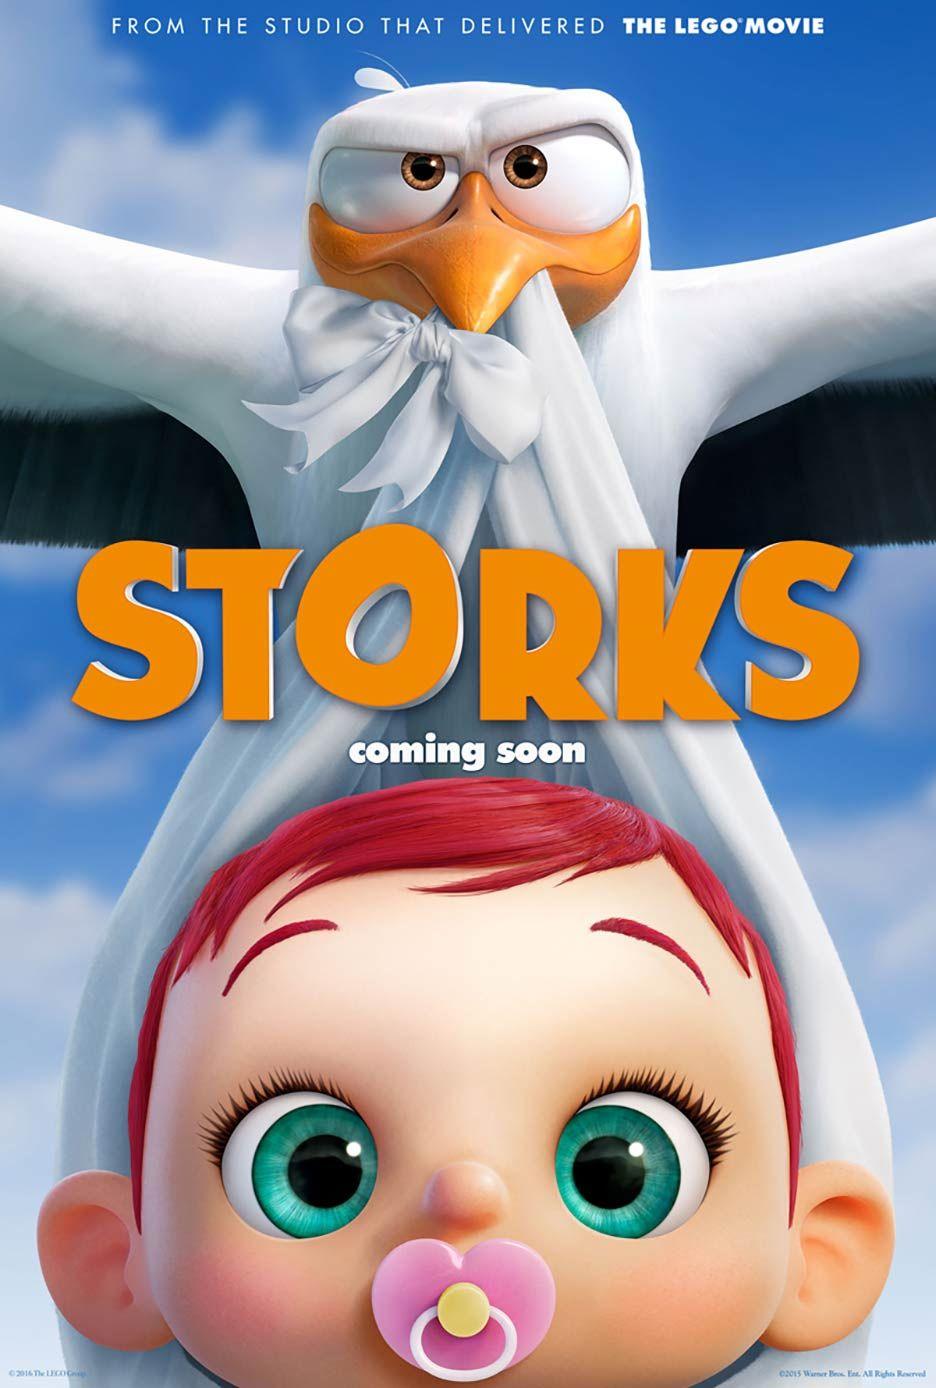 #Storks,#2016 #Trailer#FilmTrailersWorld http://filmtrailersworld.blogspot.com/2015/12/storks-2016-trailer.html#NicholasStoller, #DougSweetland #Movie